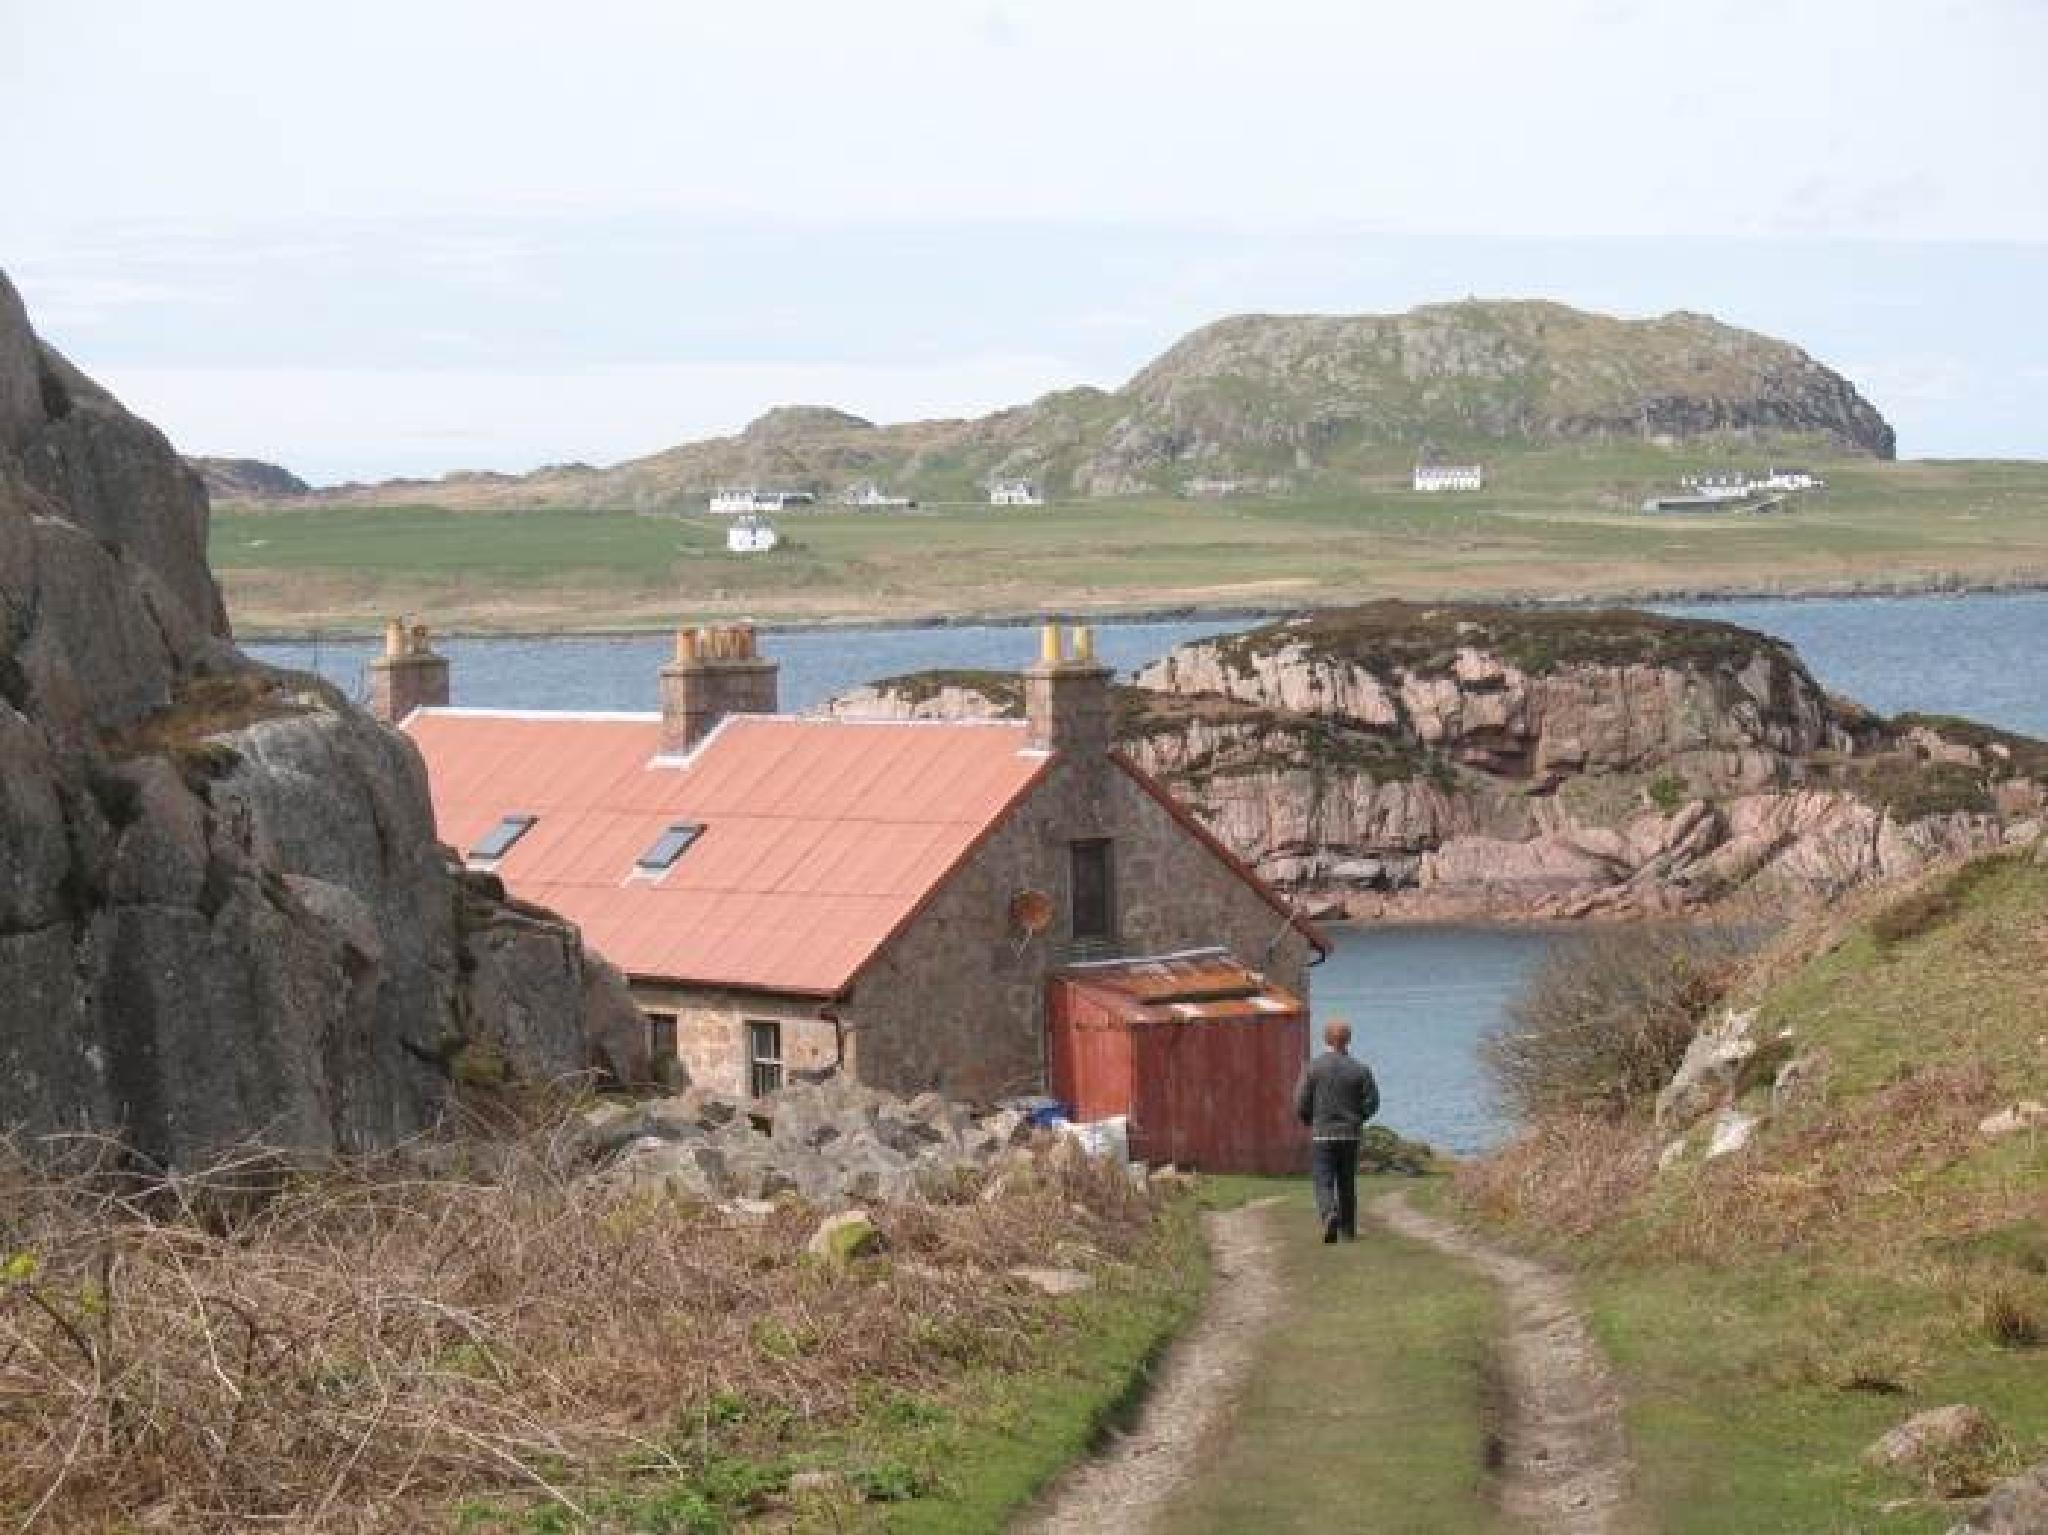 Isle of Mull, Scotland by riddelljane